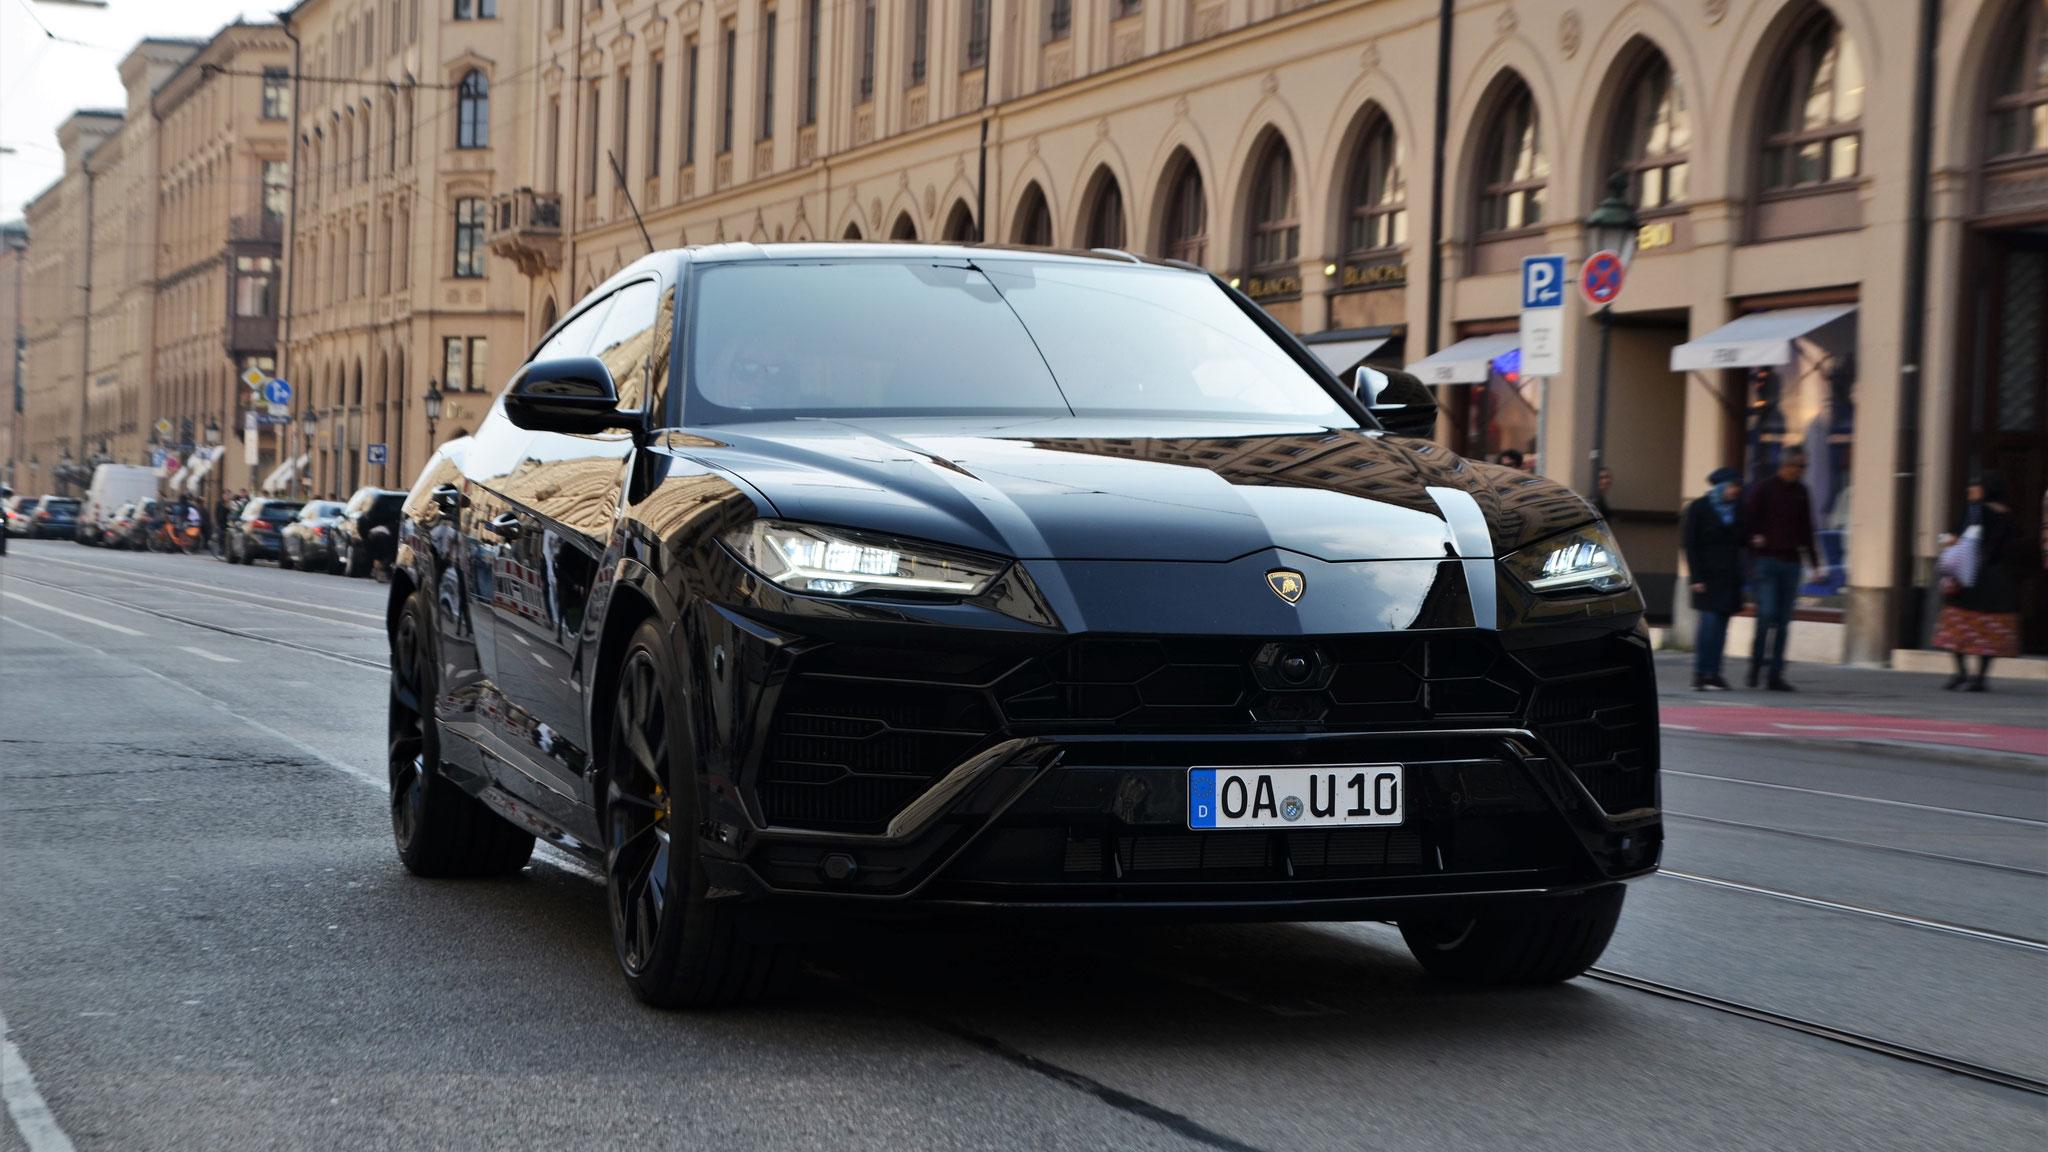 Lamborghini Urus - OA-U-10